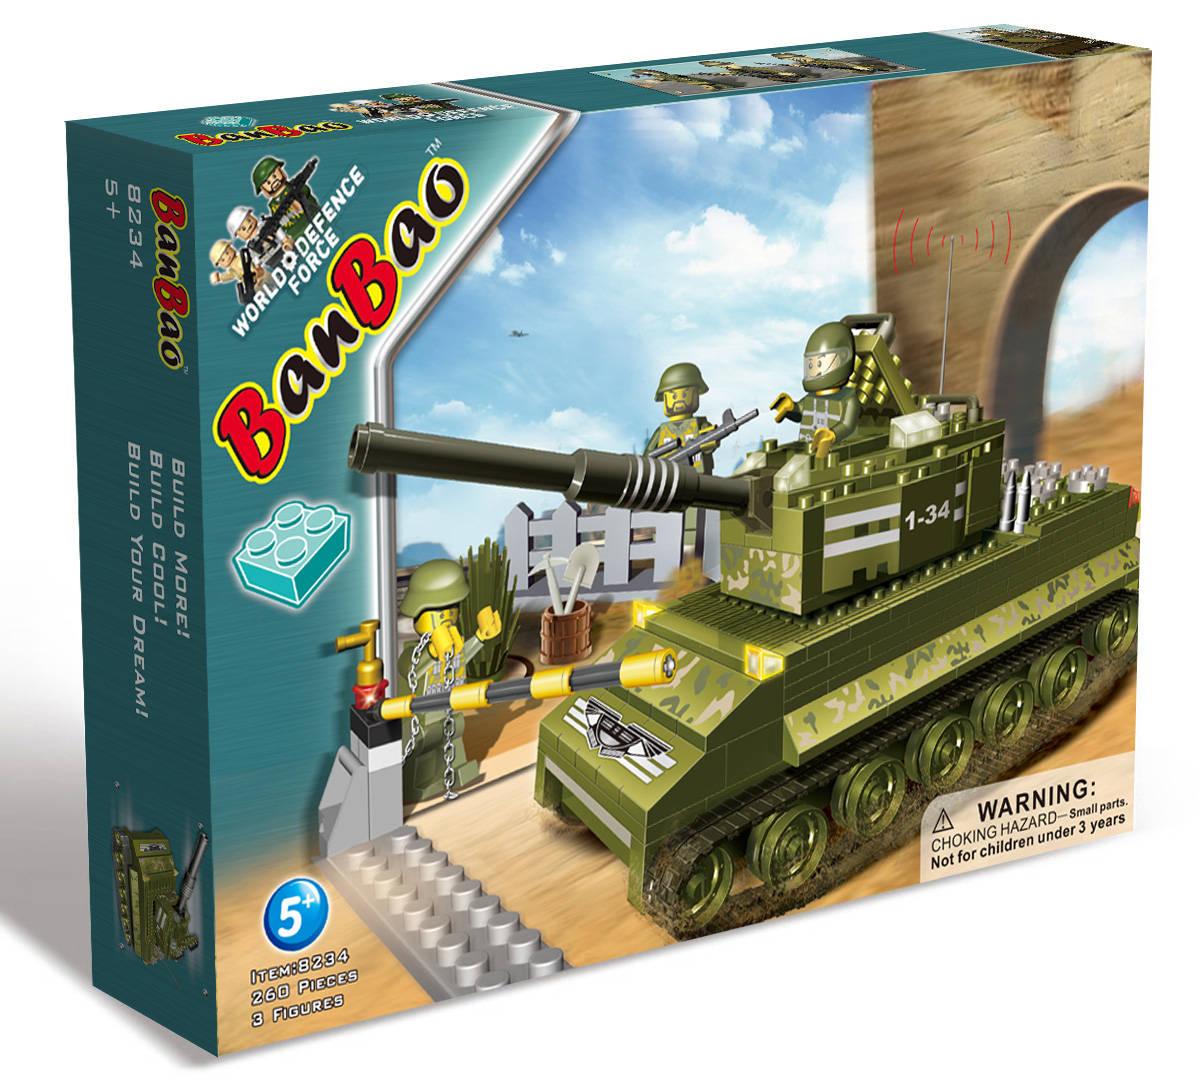 Конструктор Танк, 260 деталейКонструкторы BANBAO<br>Конструктор Танк, 260 деталей<br>